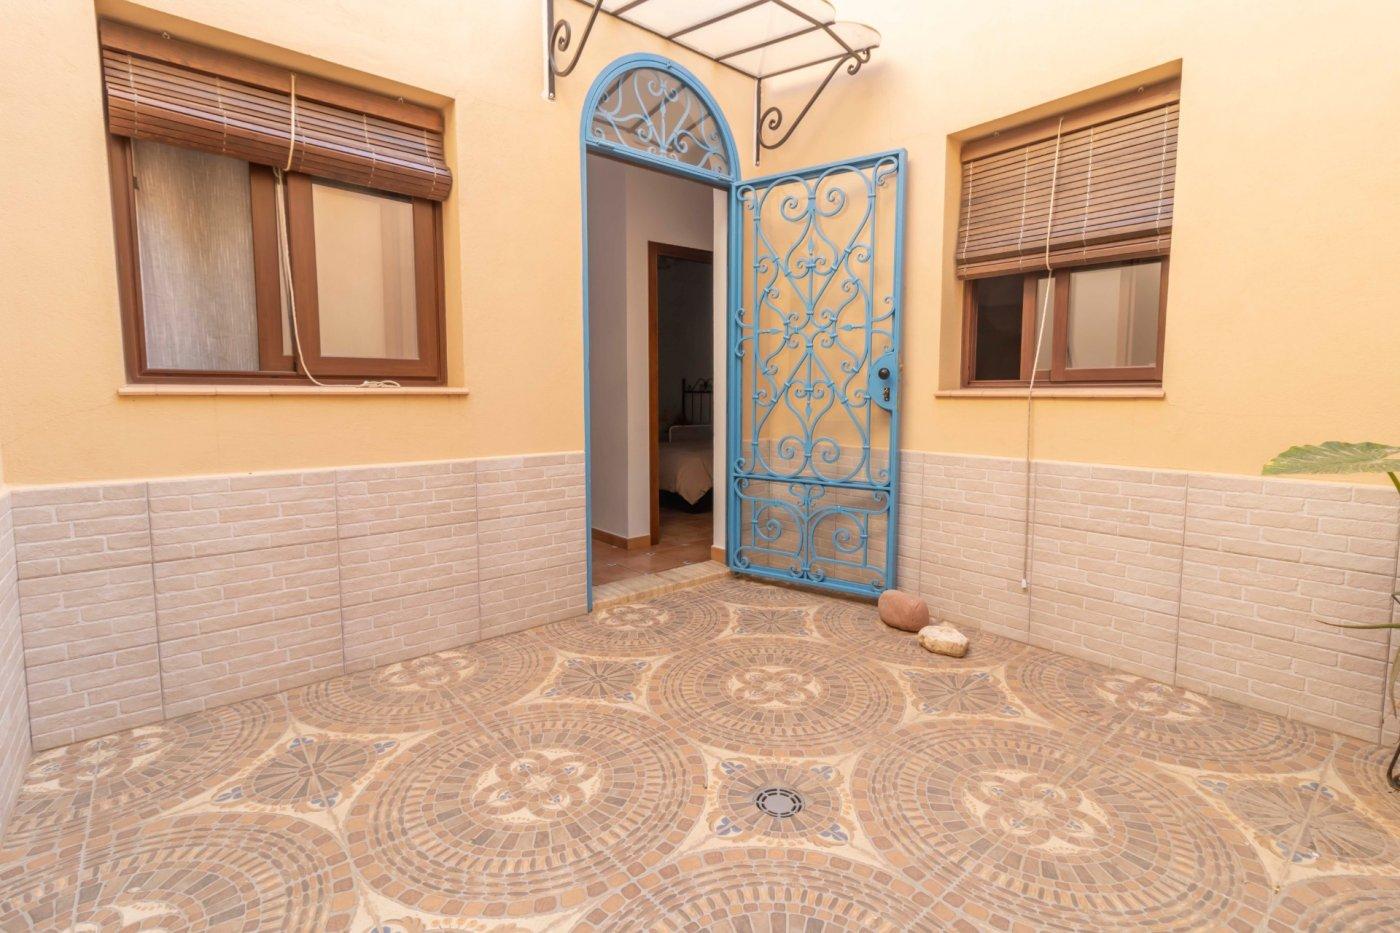 Casa de reciente construccion a la venta en carmona - imagenInmueble29